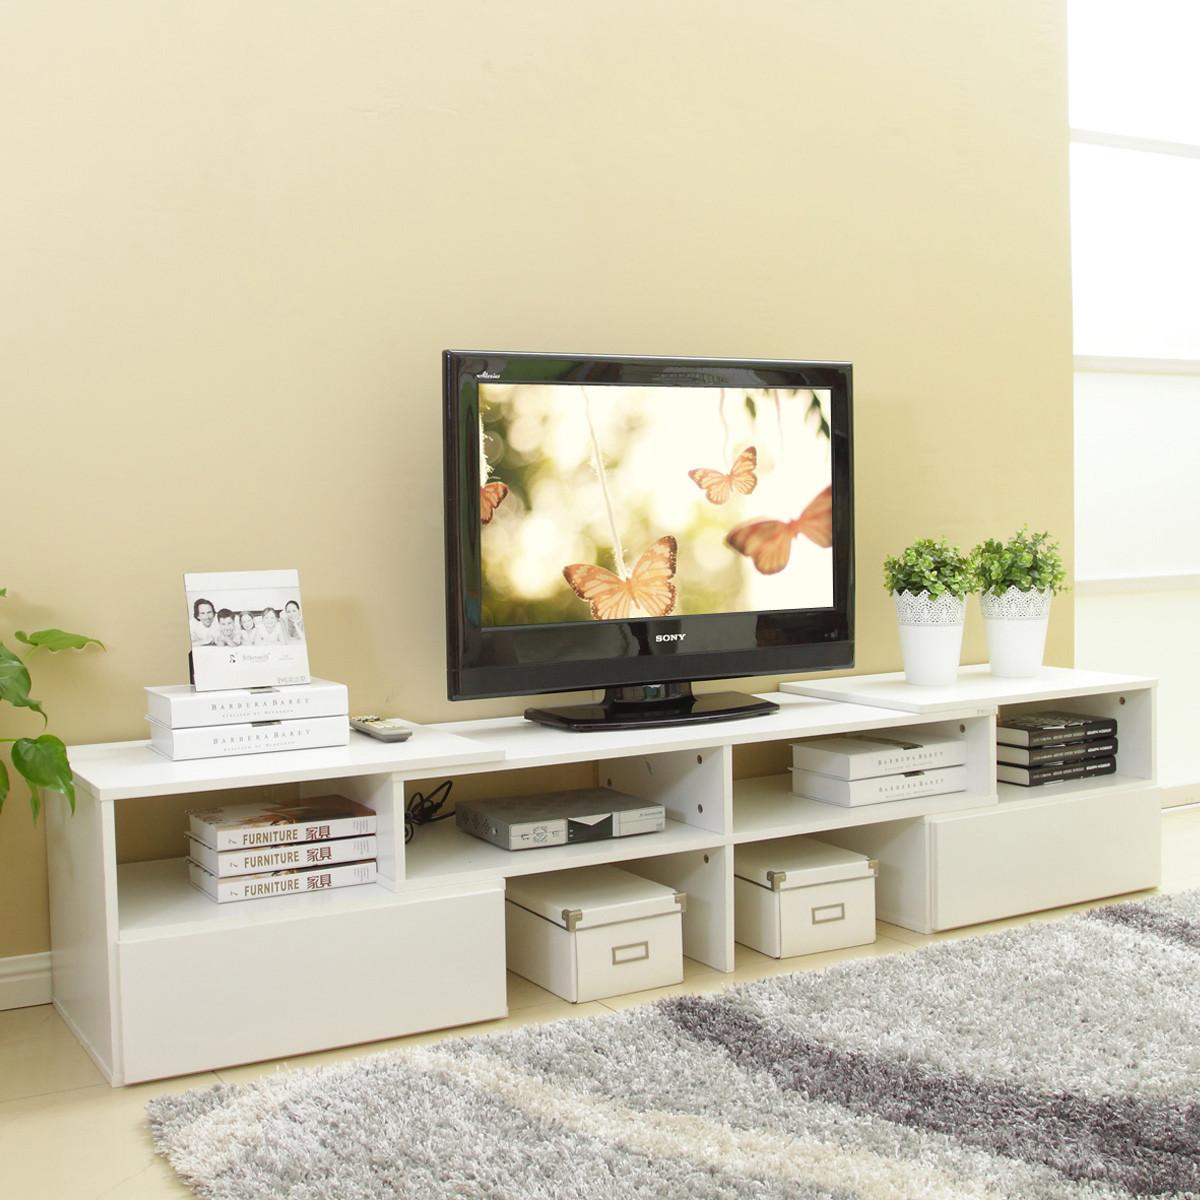 美达斯人造板刨花板三聚氰胺板成人简约现代电视柜